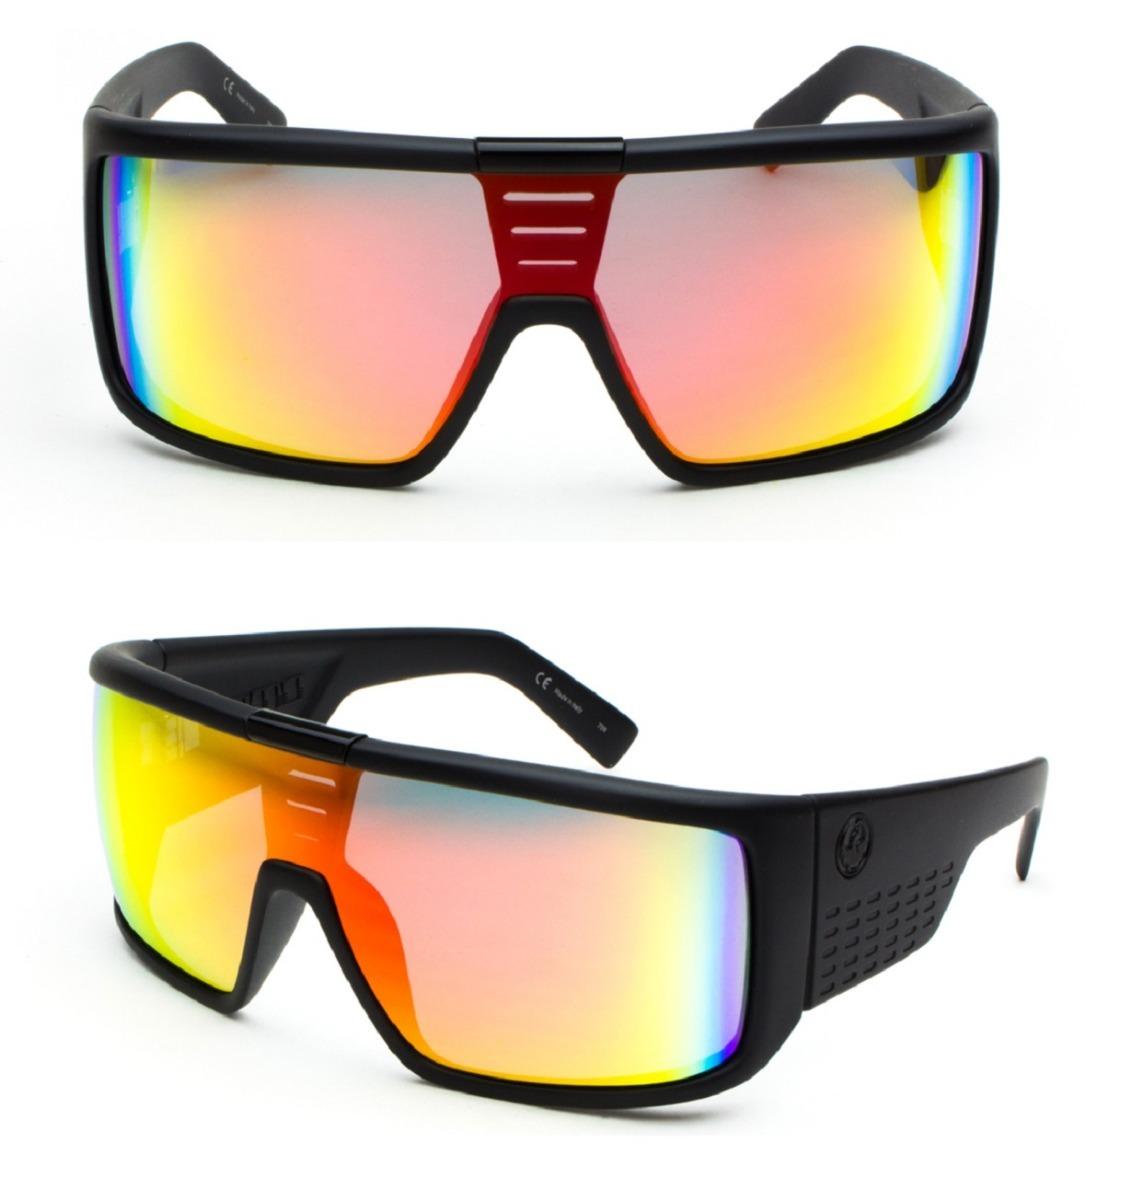 a0dd0b2eef255 Óculos Sol Dragon Domo 100% Original S  Uso Nota Fiscal - R  369